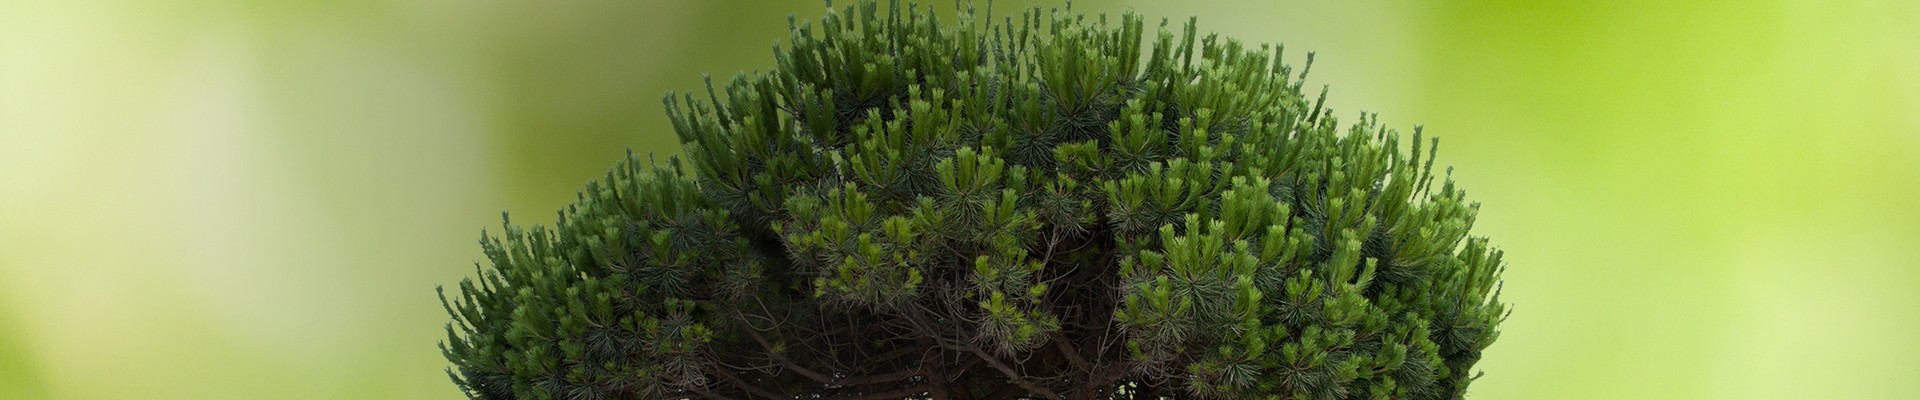 Conception web Vert l'écologie